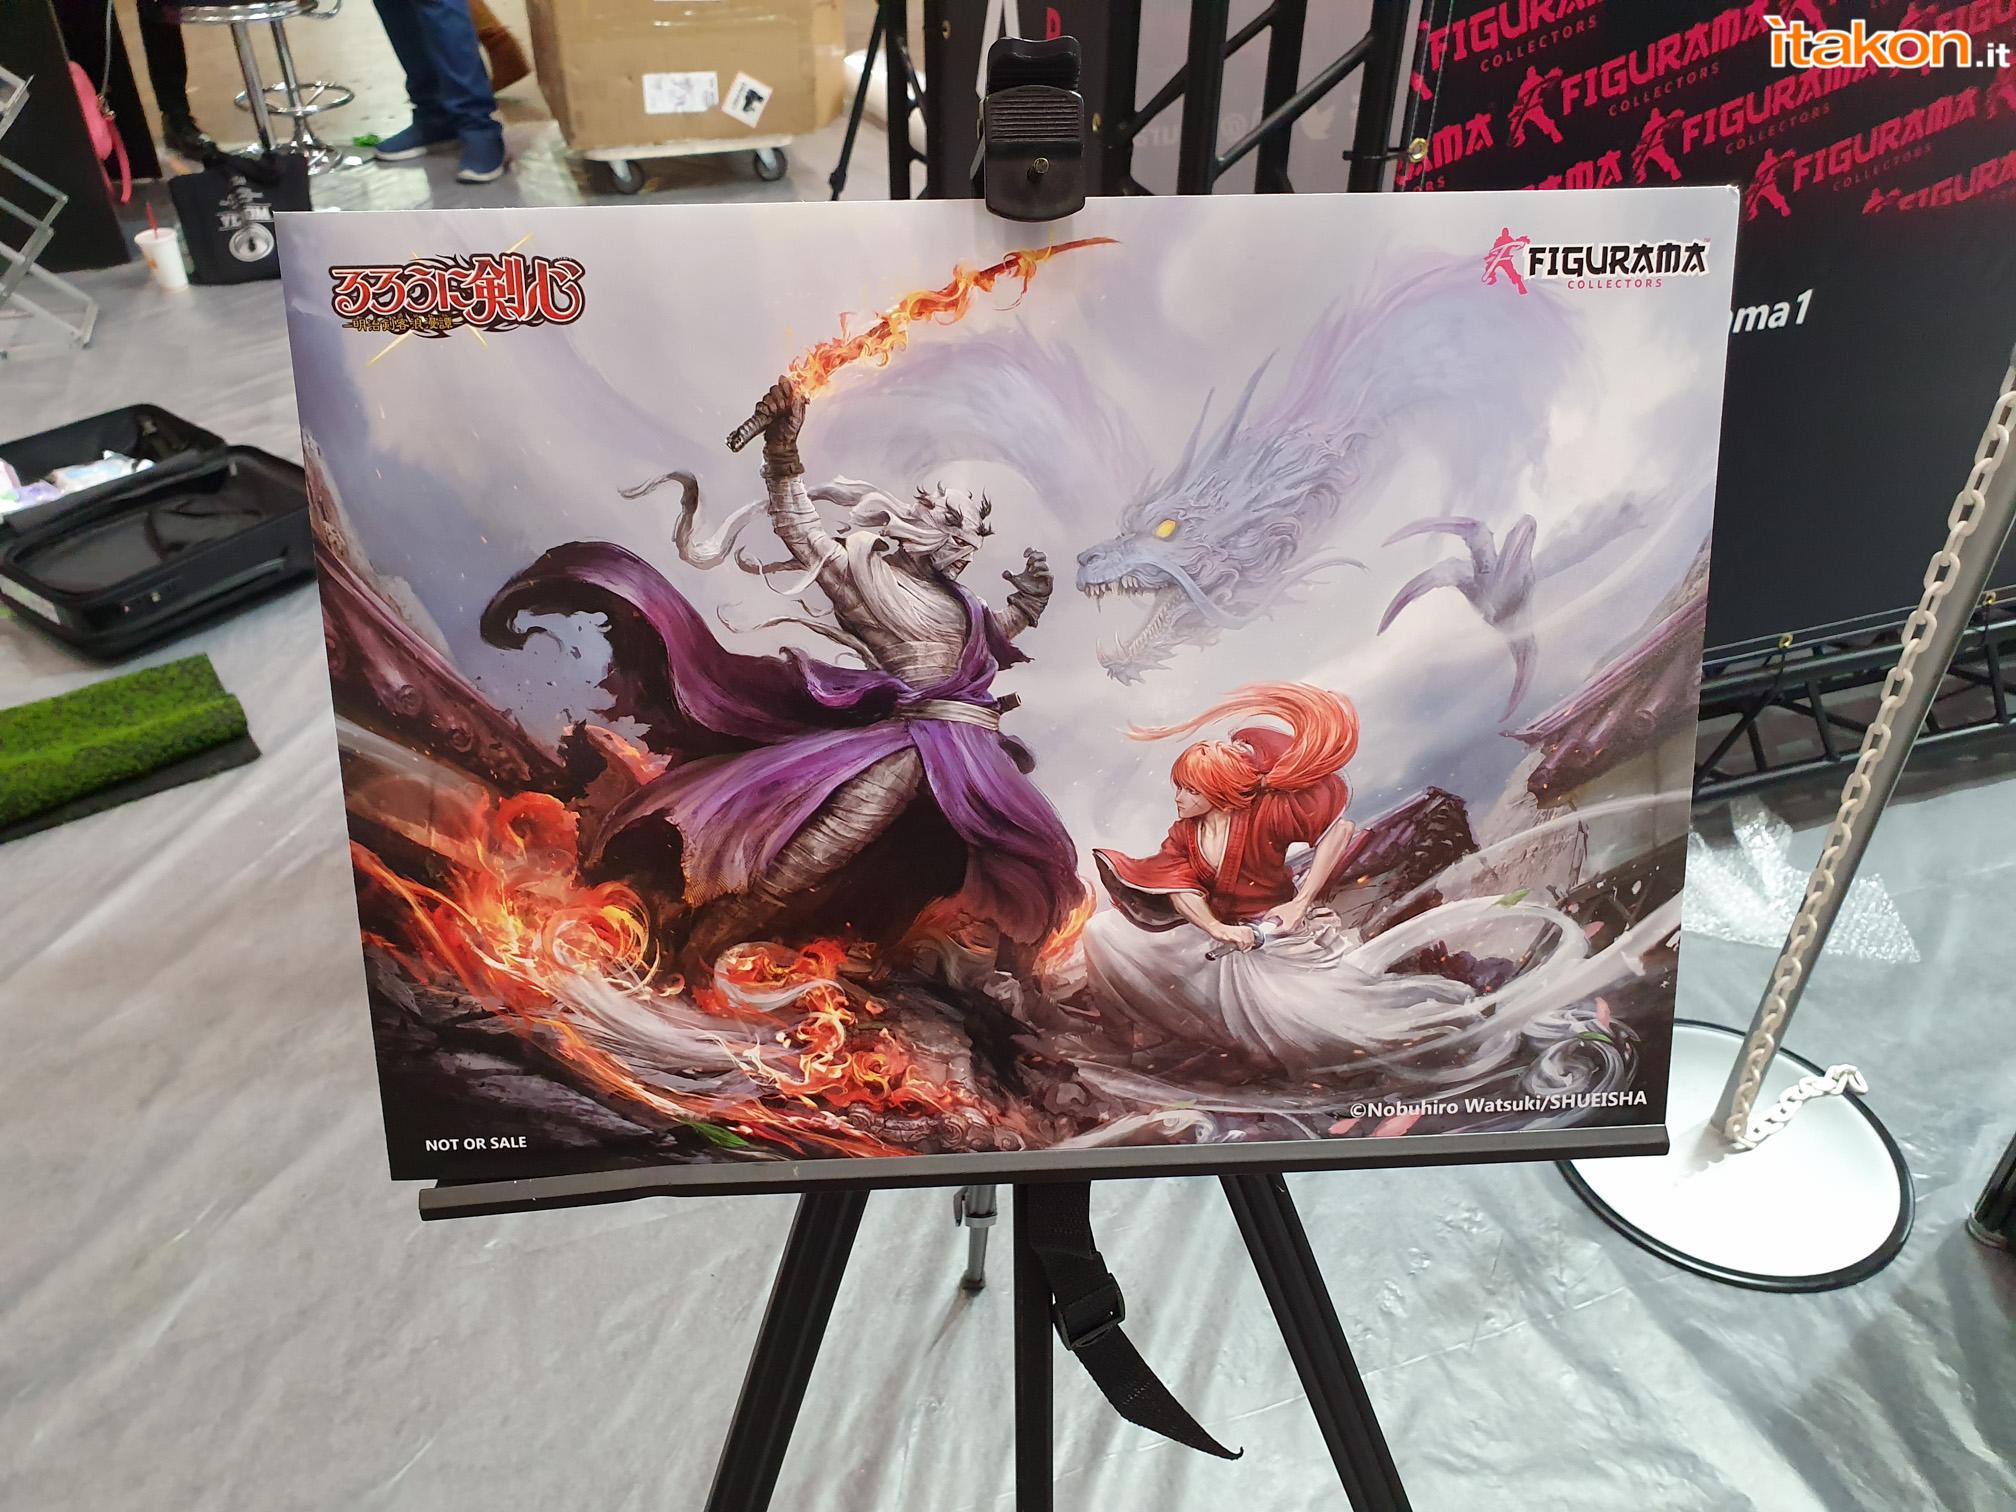 Link a Kenshin – Figurama Collectors – WF 2020 -1